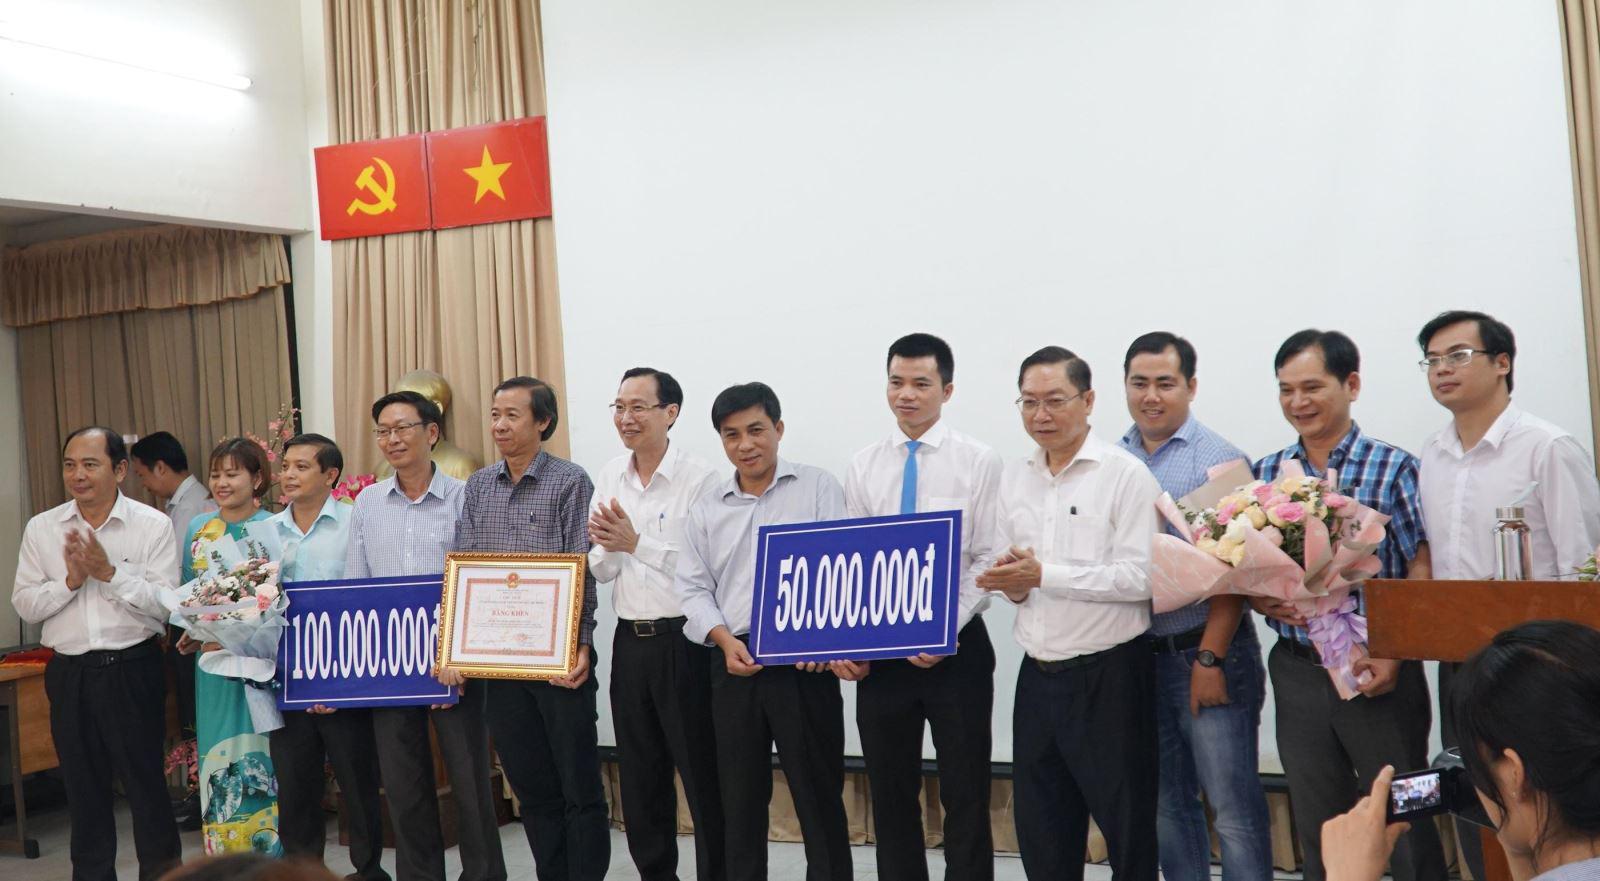 TP Hồ Chí Minh thưởng đột xuất hai bệnh viện điều trị thành công bệnh nhân COVID-19 - Ảnh 1.